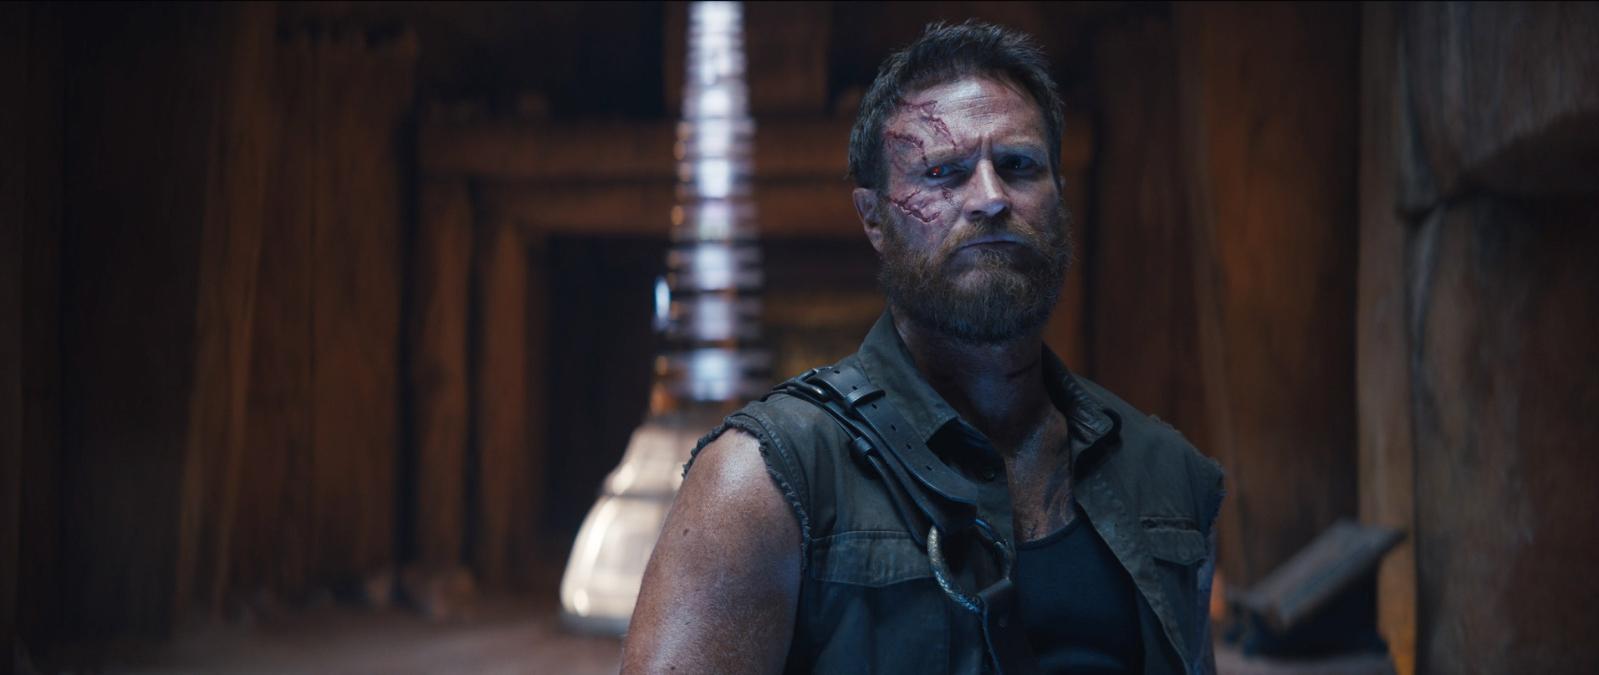 カノウ(ジョシュ・ローソン) (C)2021 Warner Bros. Entertainment Inc. All Rights Reserved IMAX(R)is a registered trademark of IMAX Corporation.